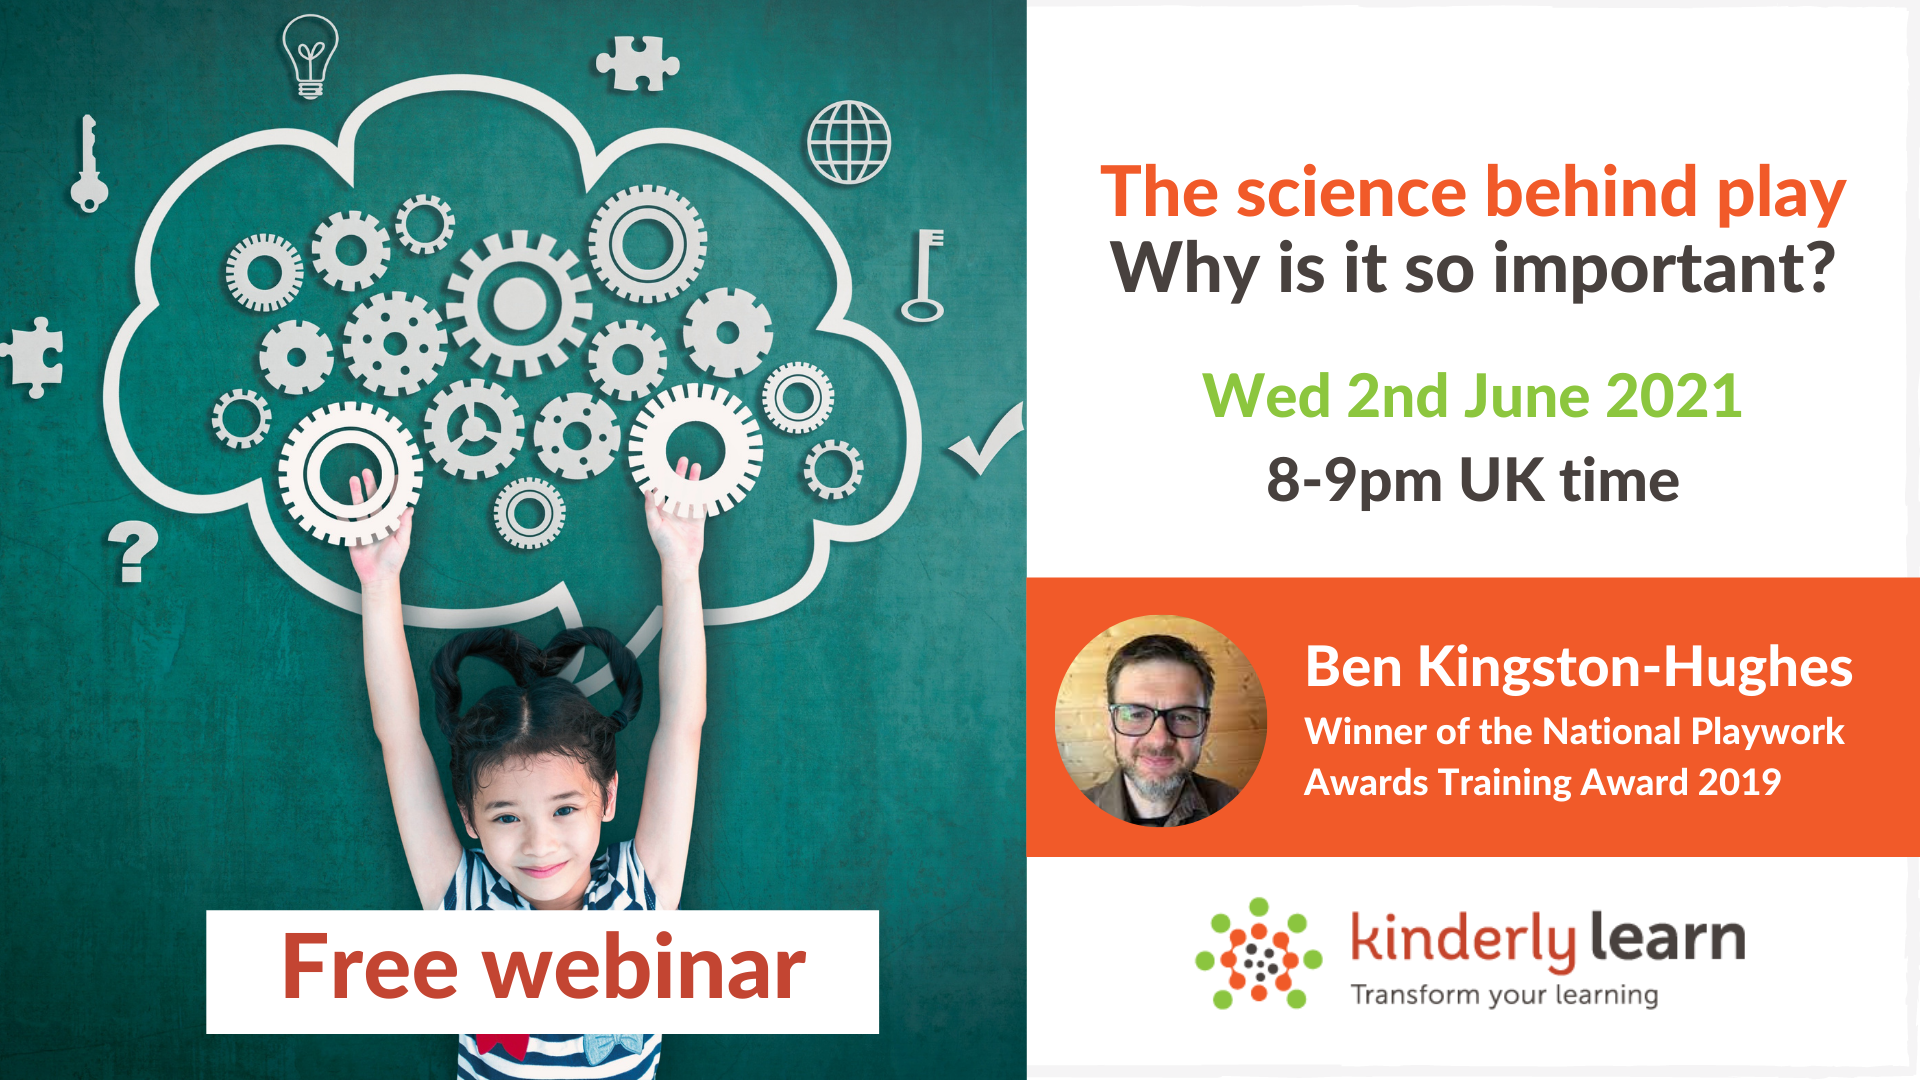 the science behind play webinar